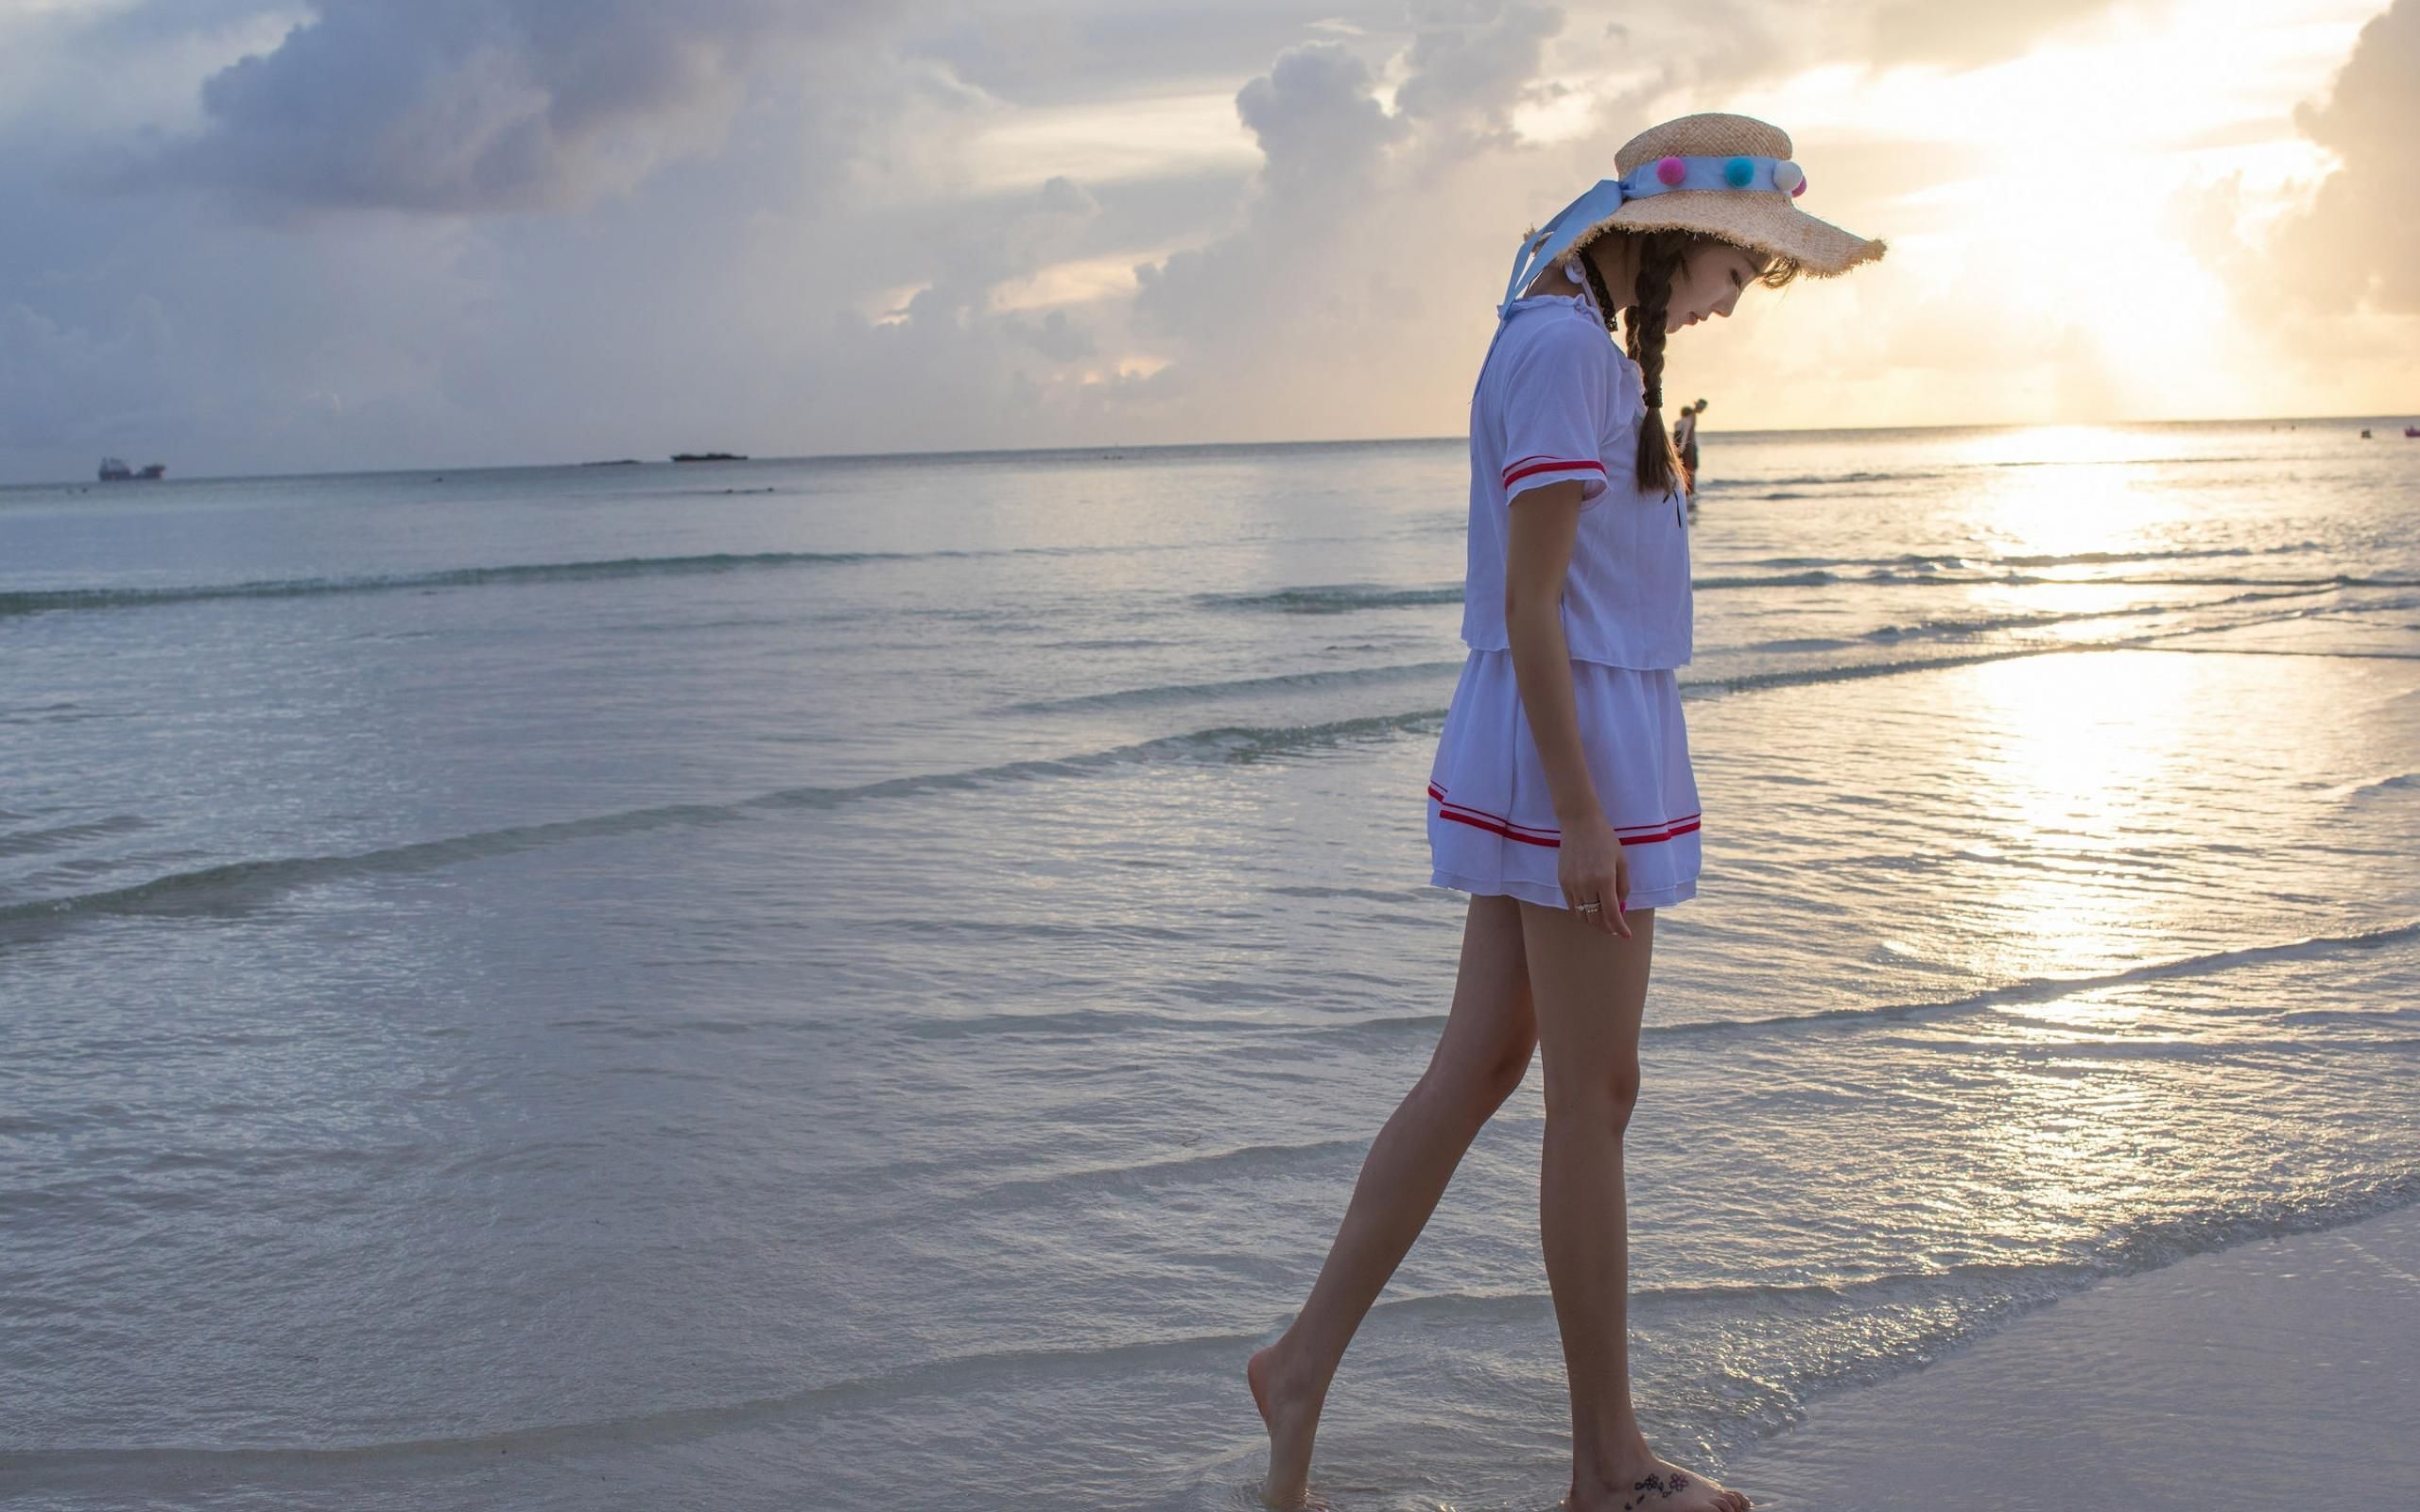 好可爱的小美女,海边摄影写真,清新靓丽,迷人插图(2)